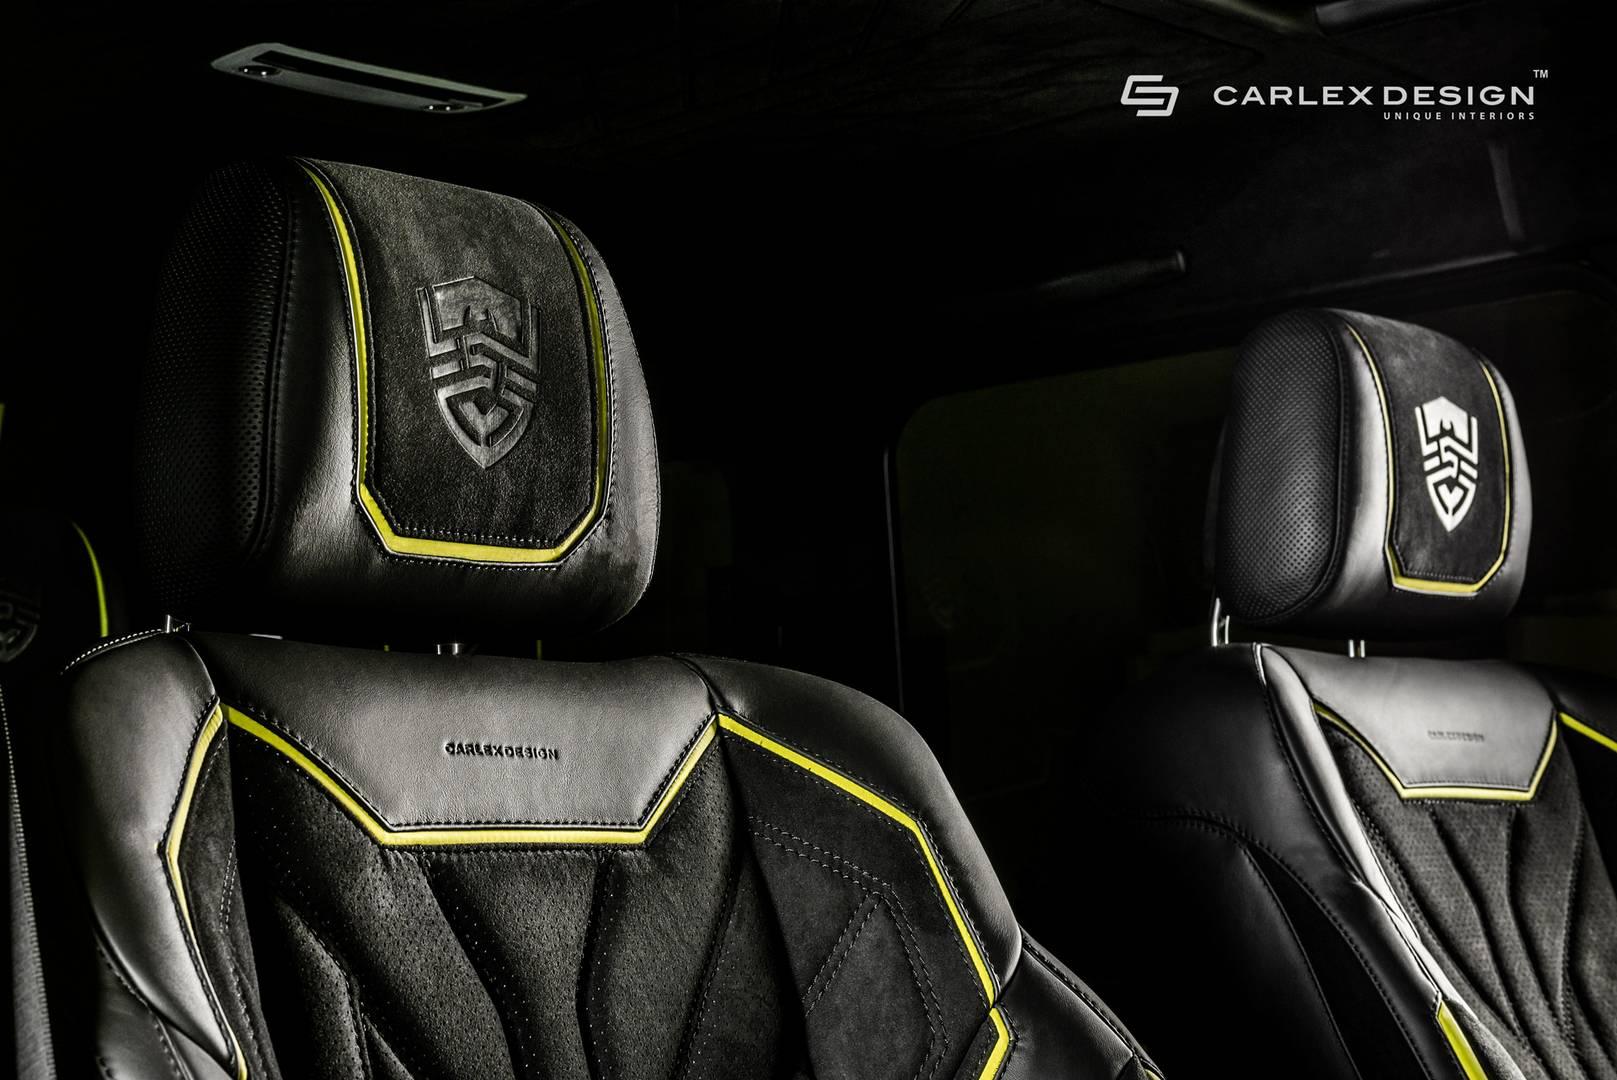 Чтобы соответствовать яркой внешности внедорожника, Carlex Design разработал соответствующий ромбовый узор, который доминирует в роскошном интерьере.